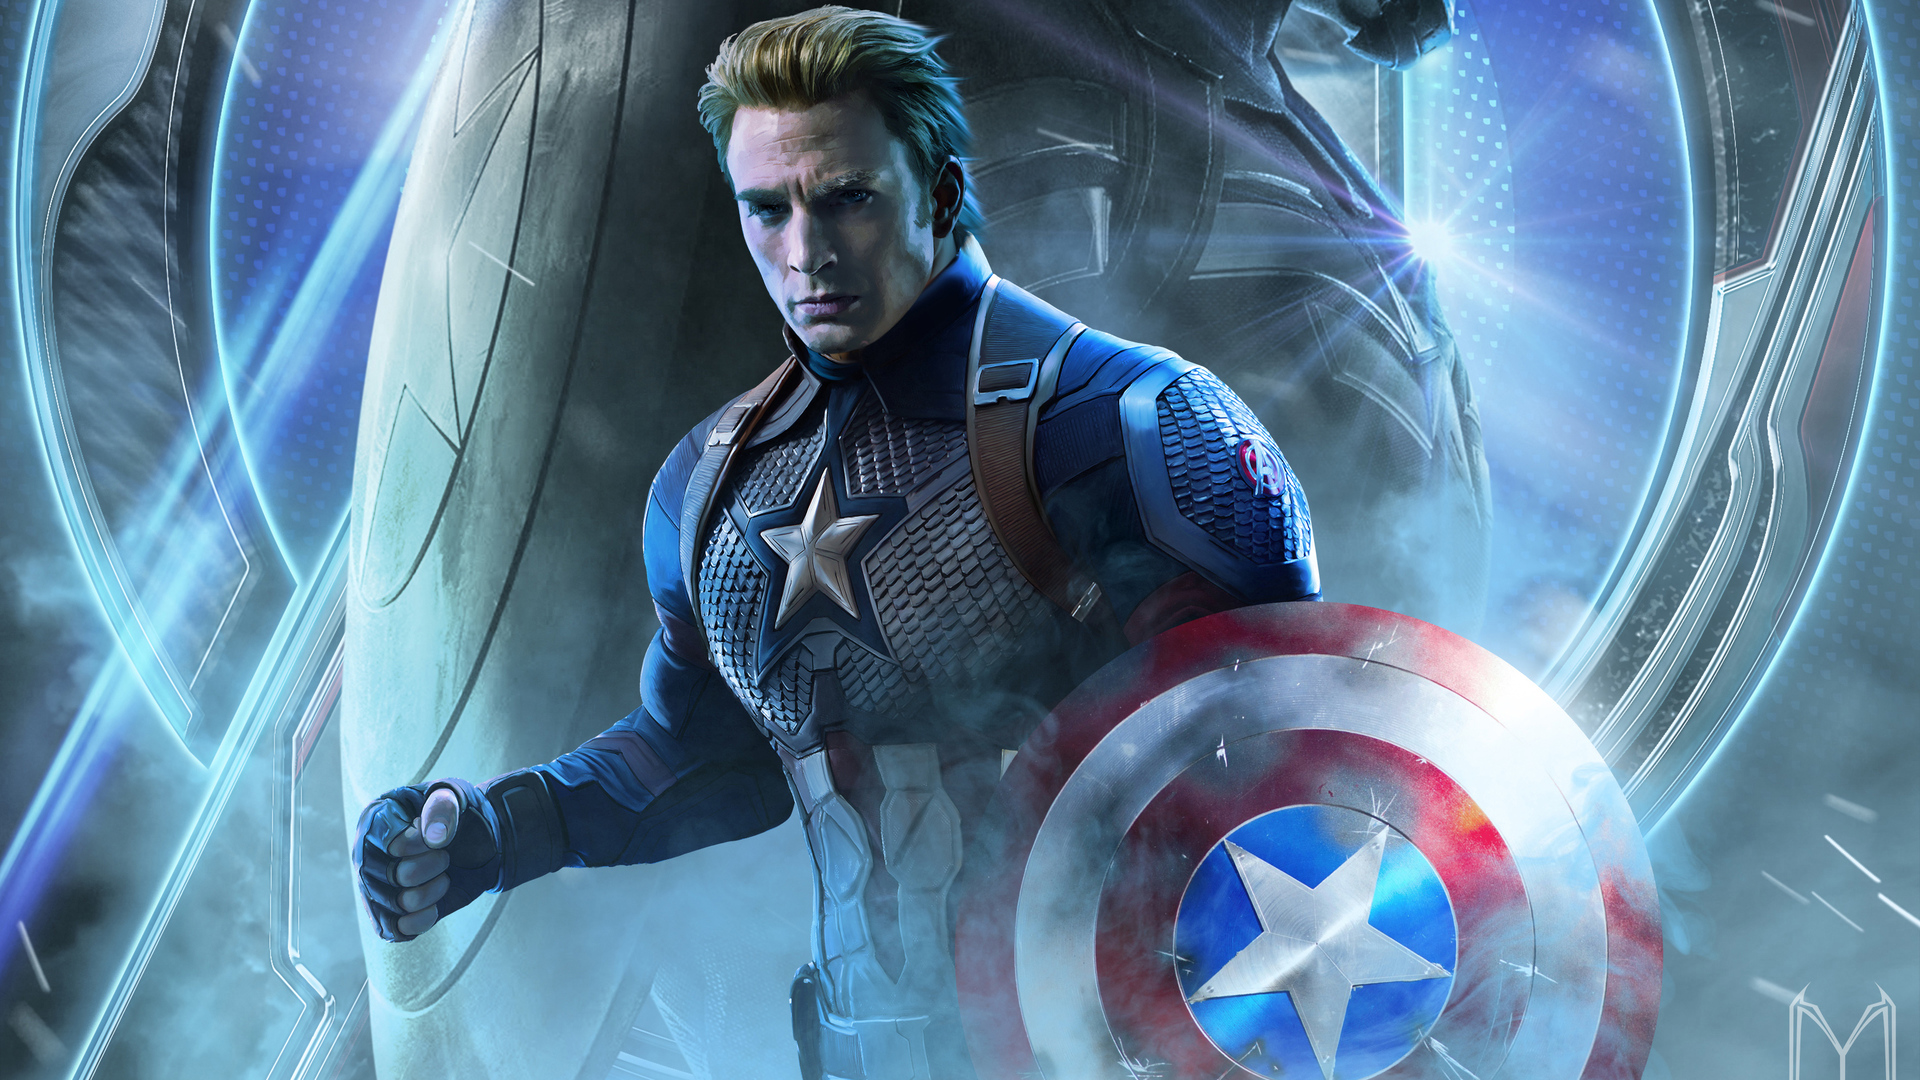 1920x1080 Captain America In Avengers Endgame 2019 Laptop